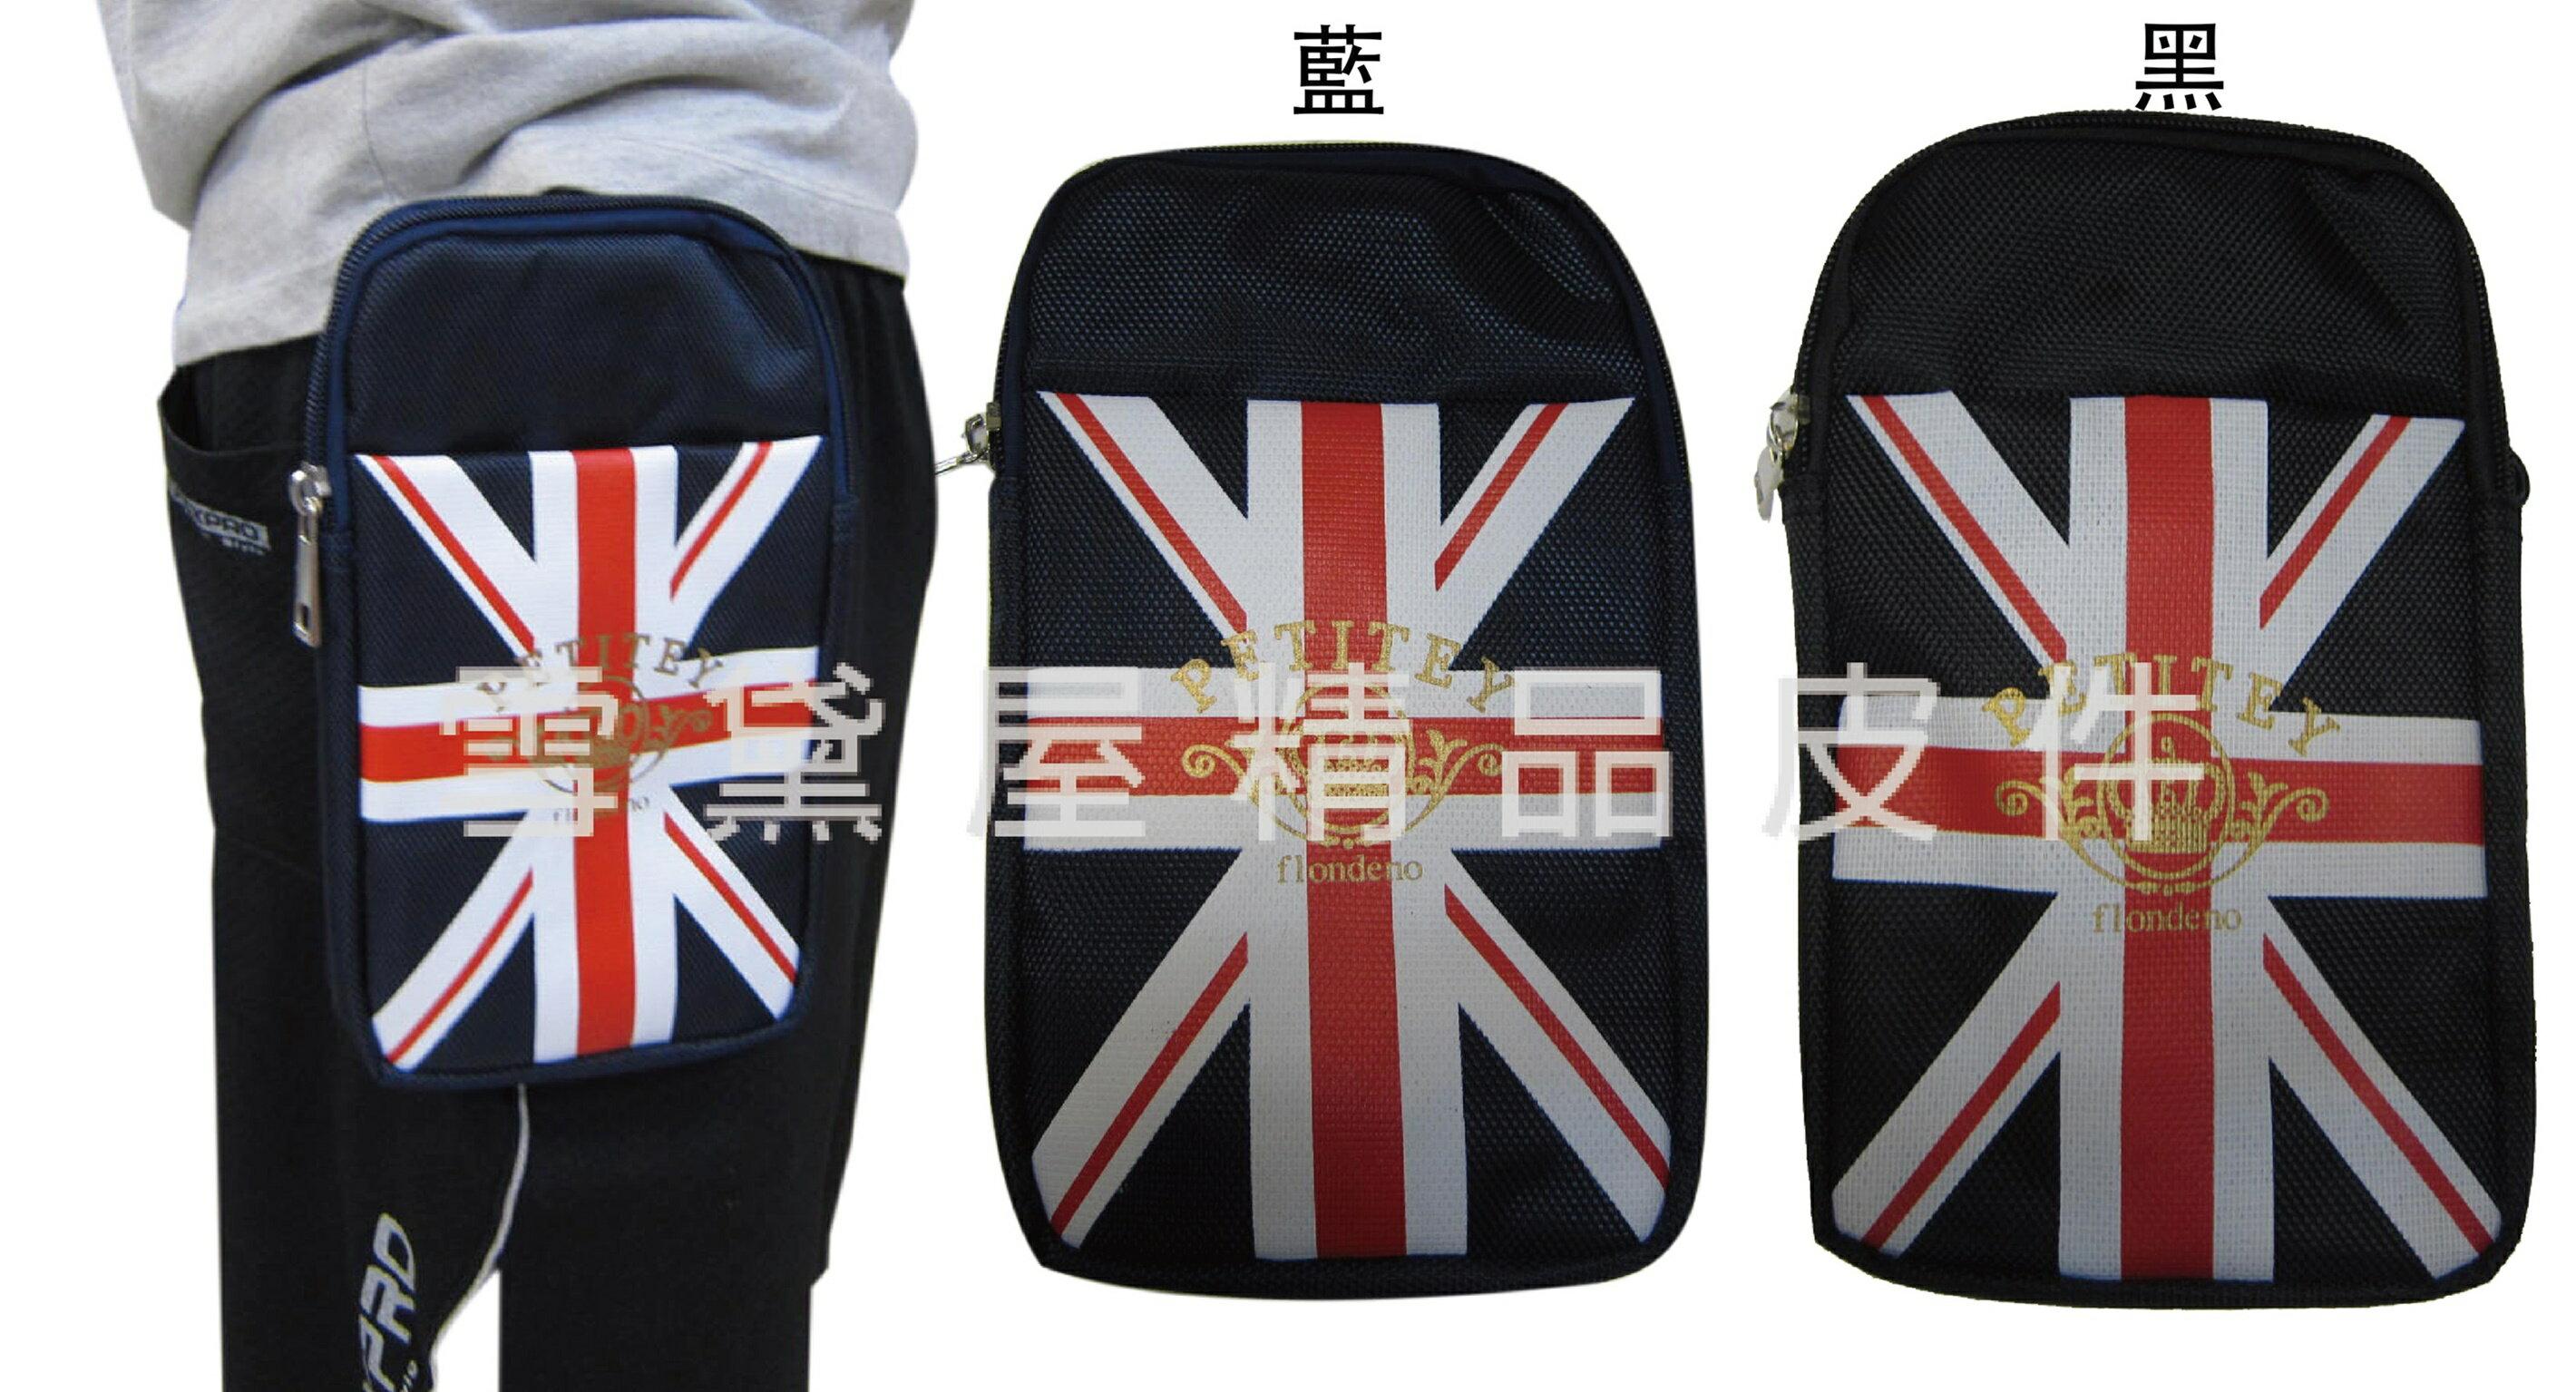 ~雪黛屋~PETITEY 腰包7吋手機二層主袋可外掛穿過皮帶肩背斜側背工作袋隨身物品外掛固定專用防水尼龍布材質#168